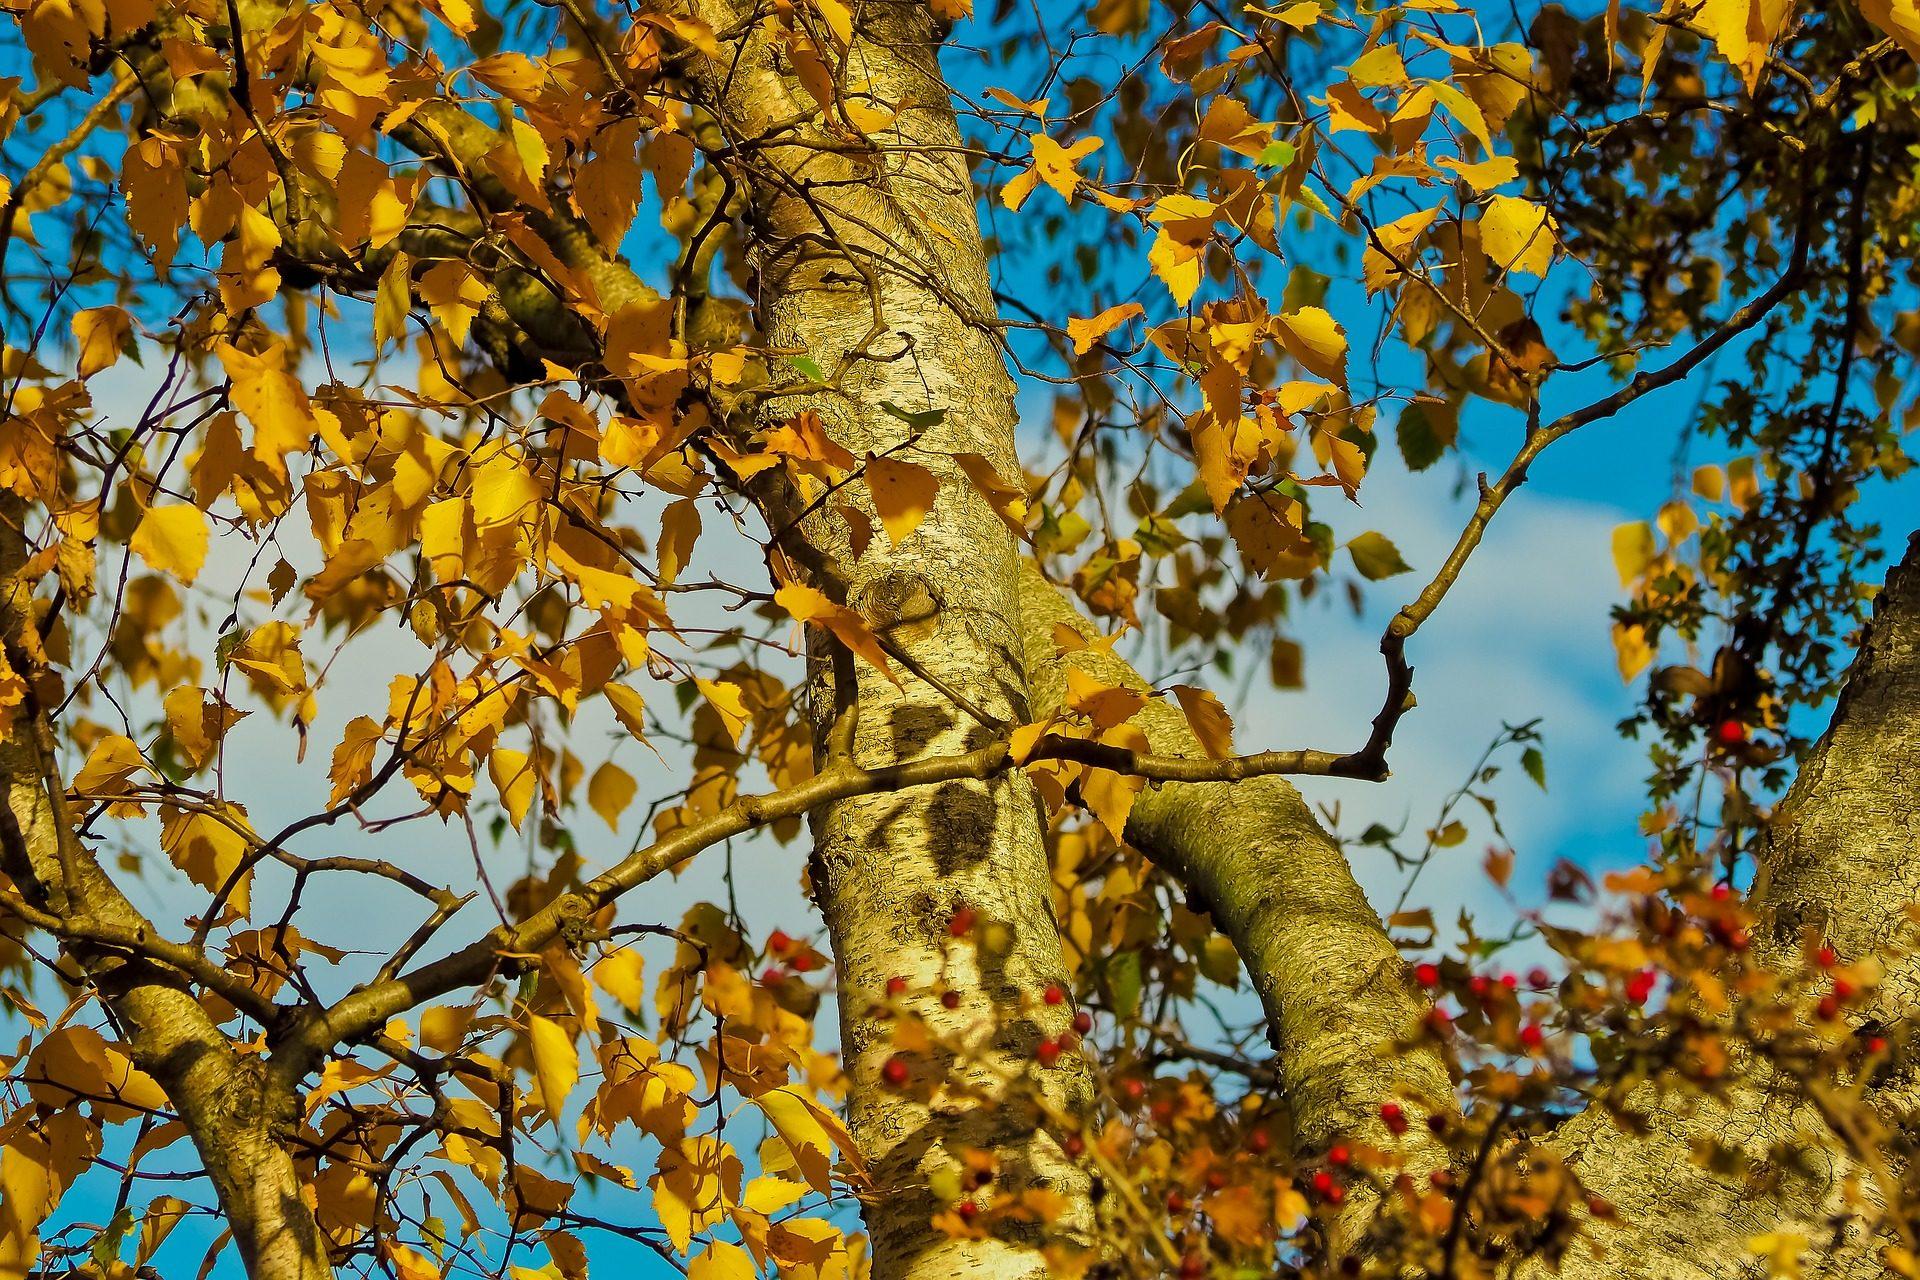 ツリー, 枝, 葉, 乾燥, 秋, 古い - HD の壁紙 - 教授-falken.com